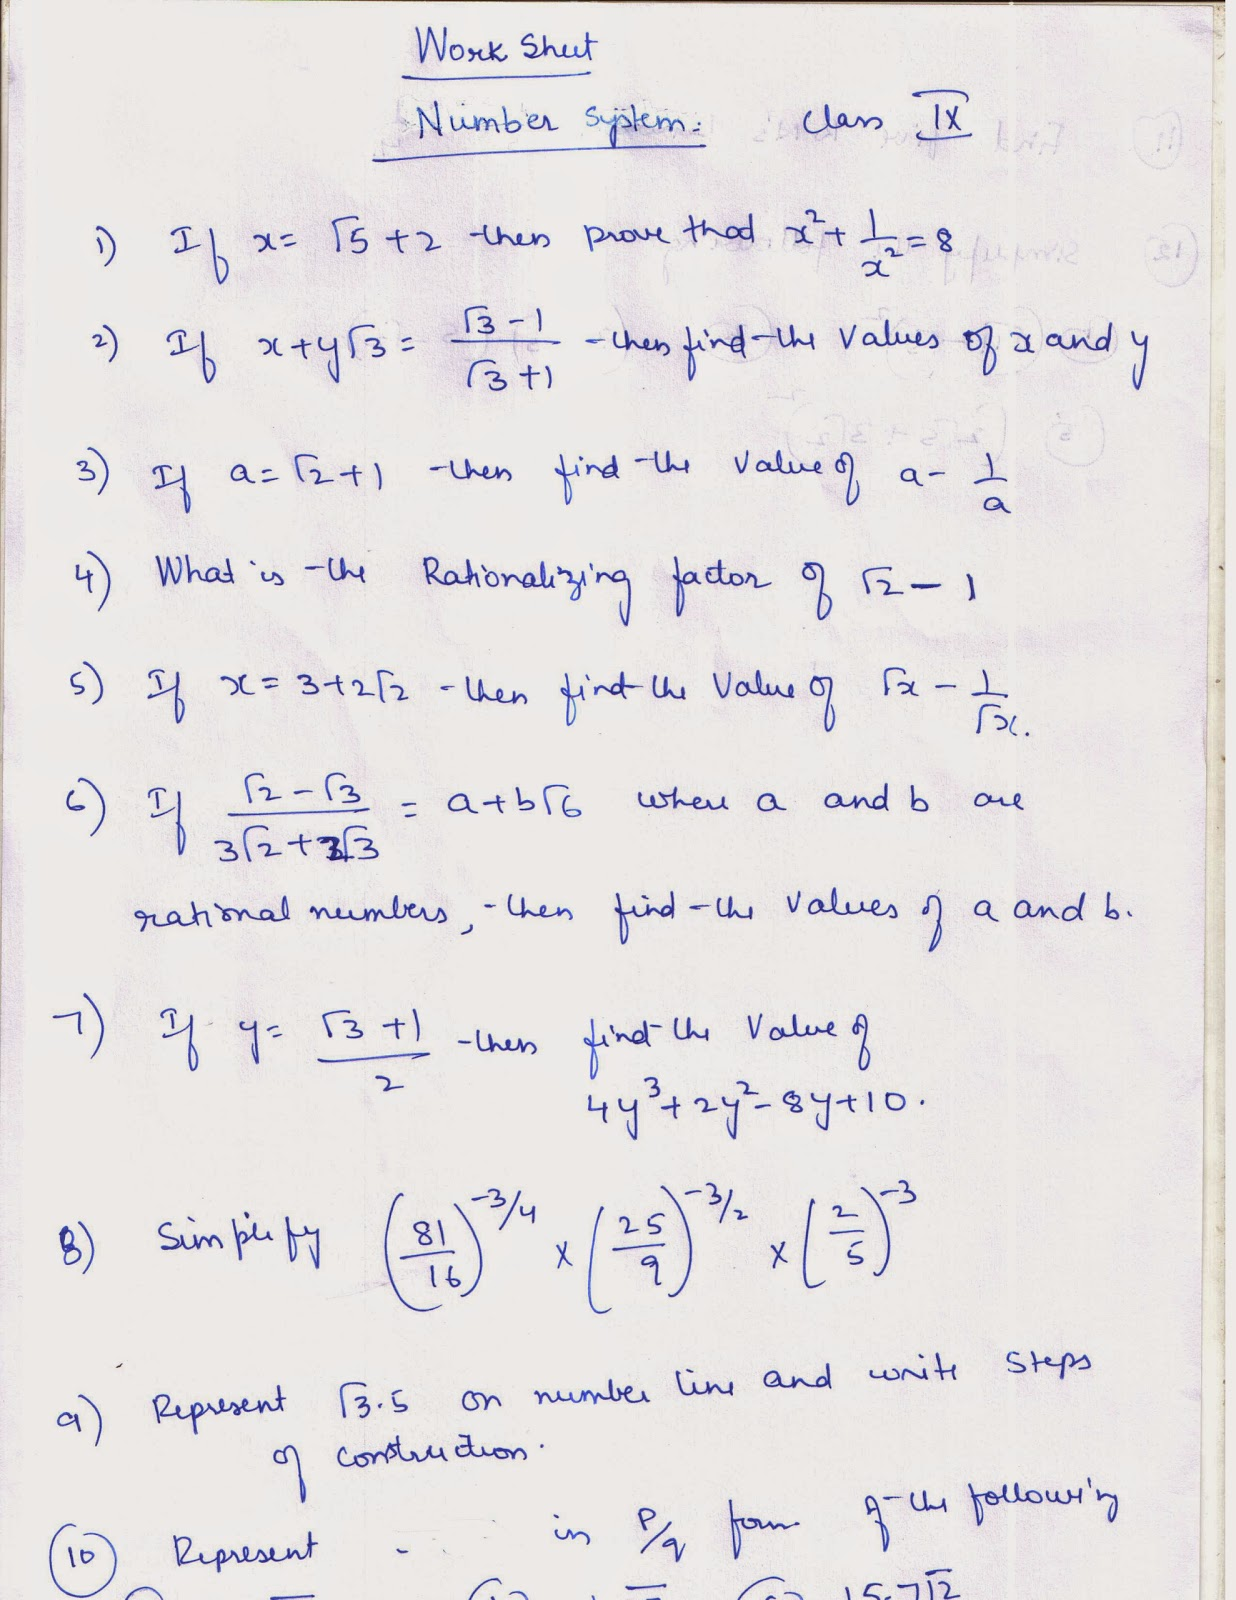 Psg W Ksheet Number System